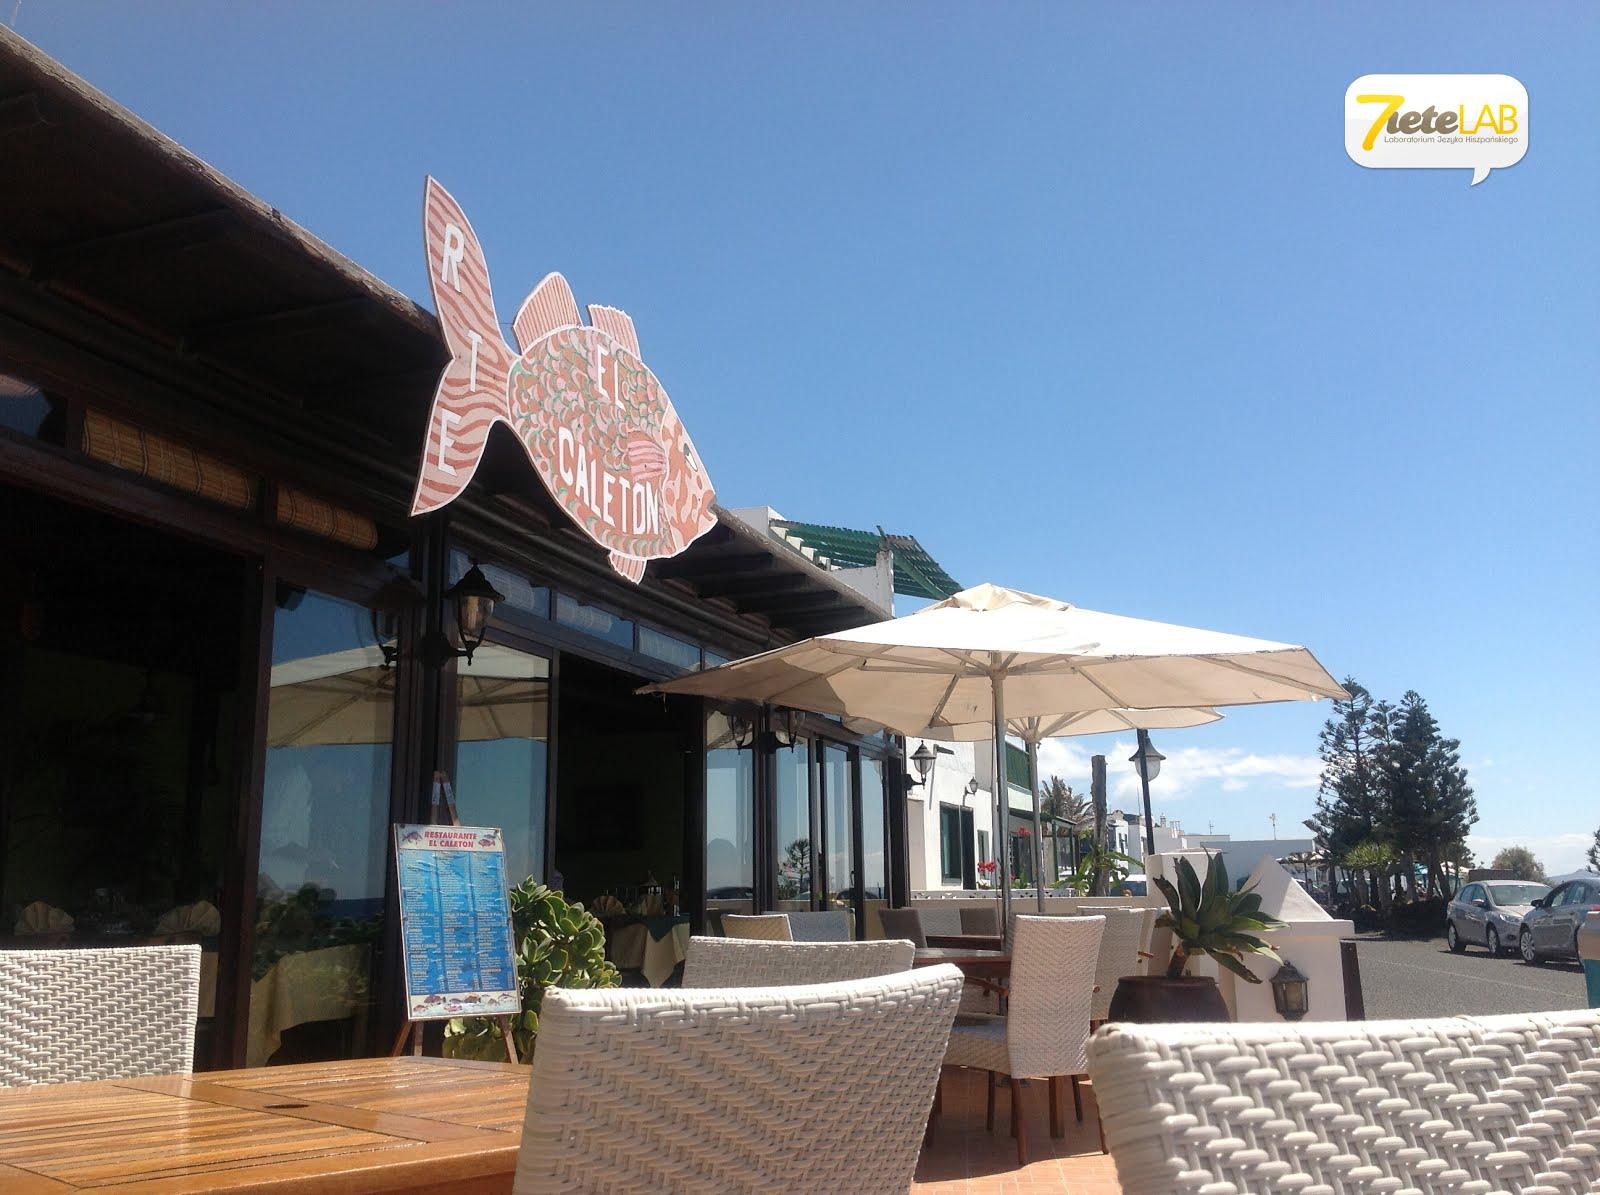 7ieteLAB español - Restaurante El Caletón